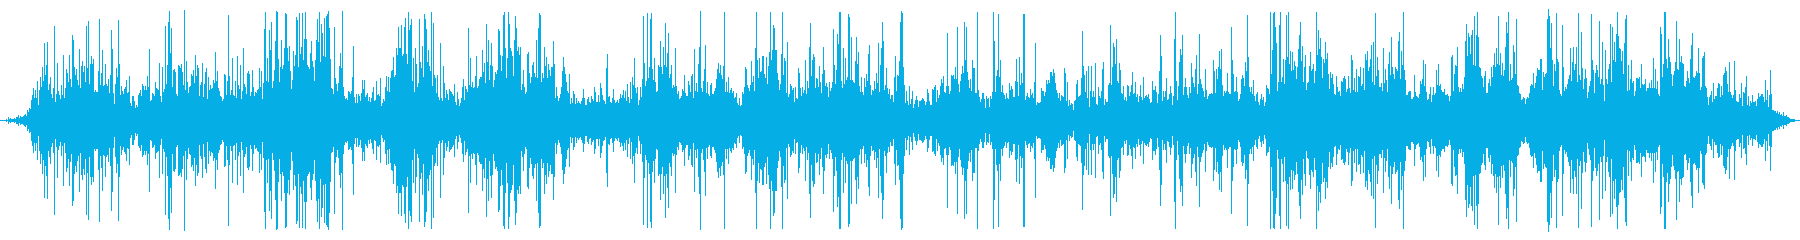 ホットスプリング:スローヘビーグー...の再生済みの波形